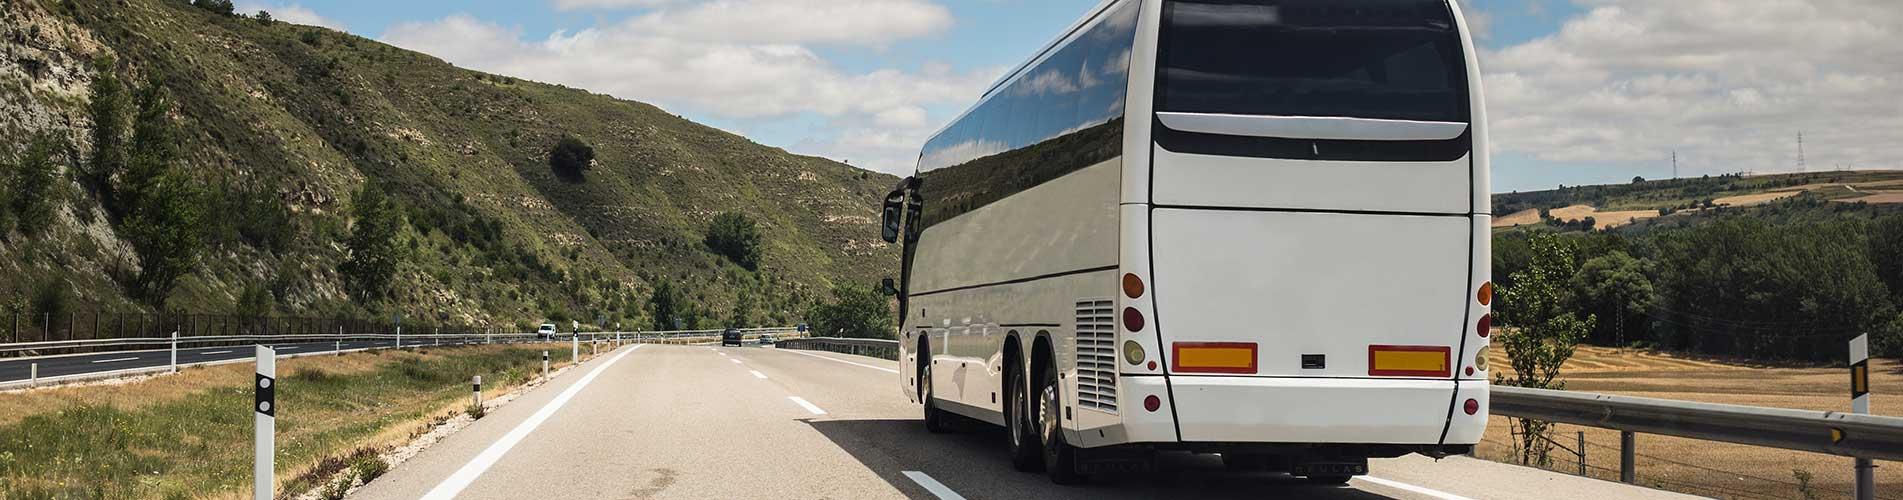 busreise_slide